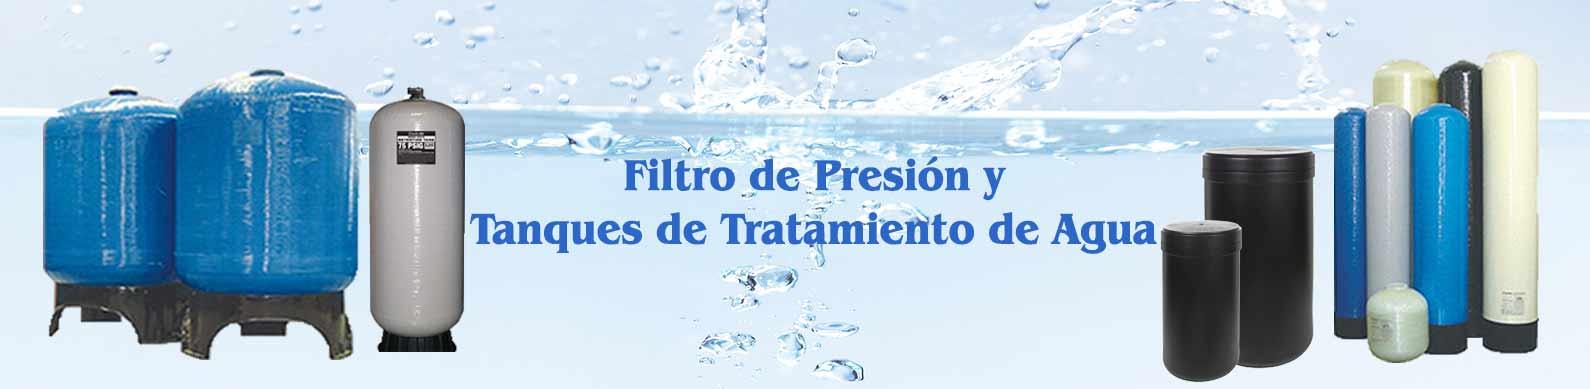 filtro-de-presion-y-tanques-de-trataminento-de-agua.jpg